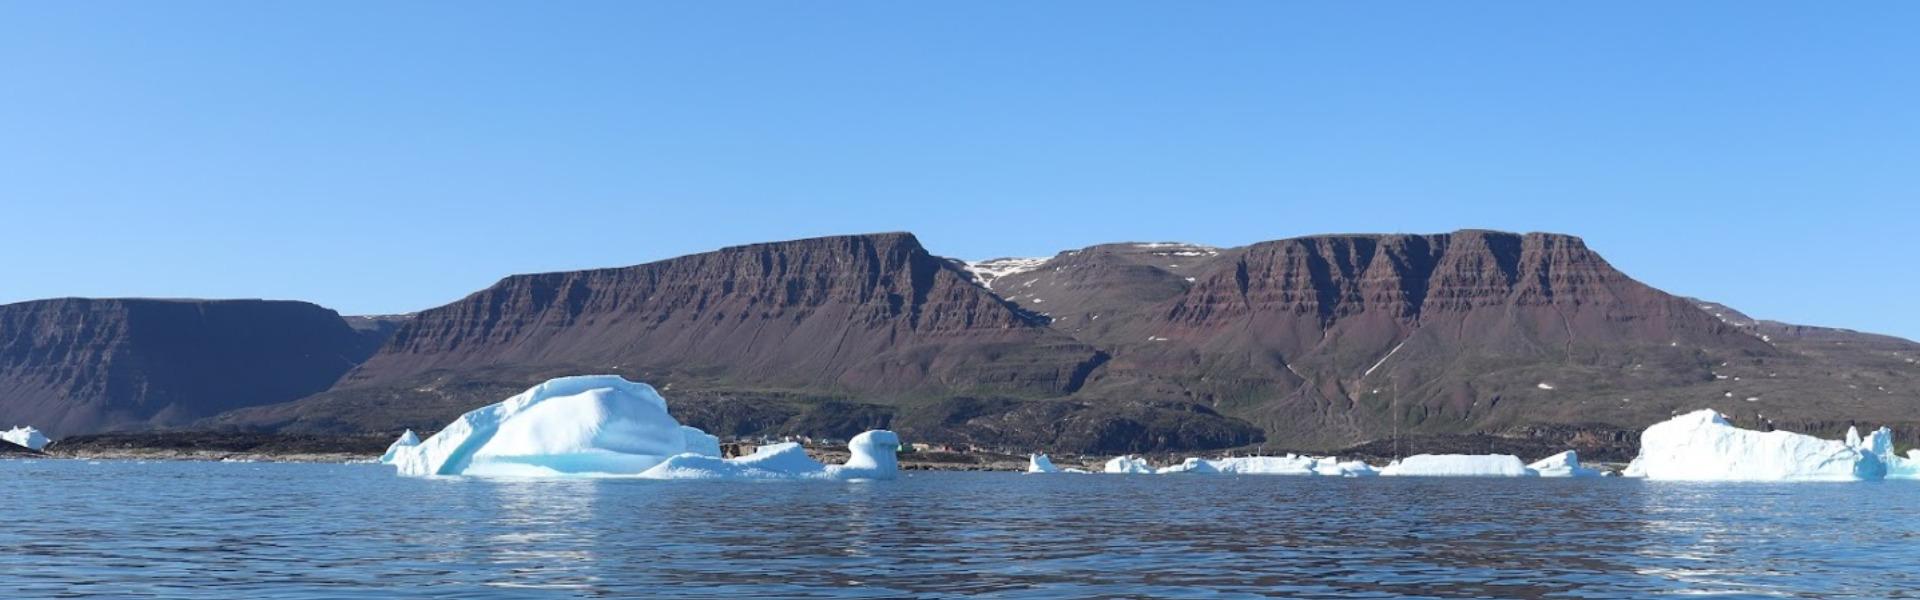 Skansen dit hjem - Qeqertarsuaq